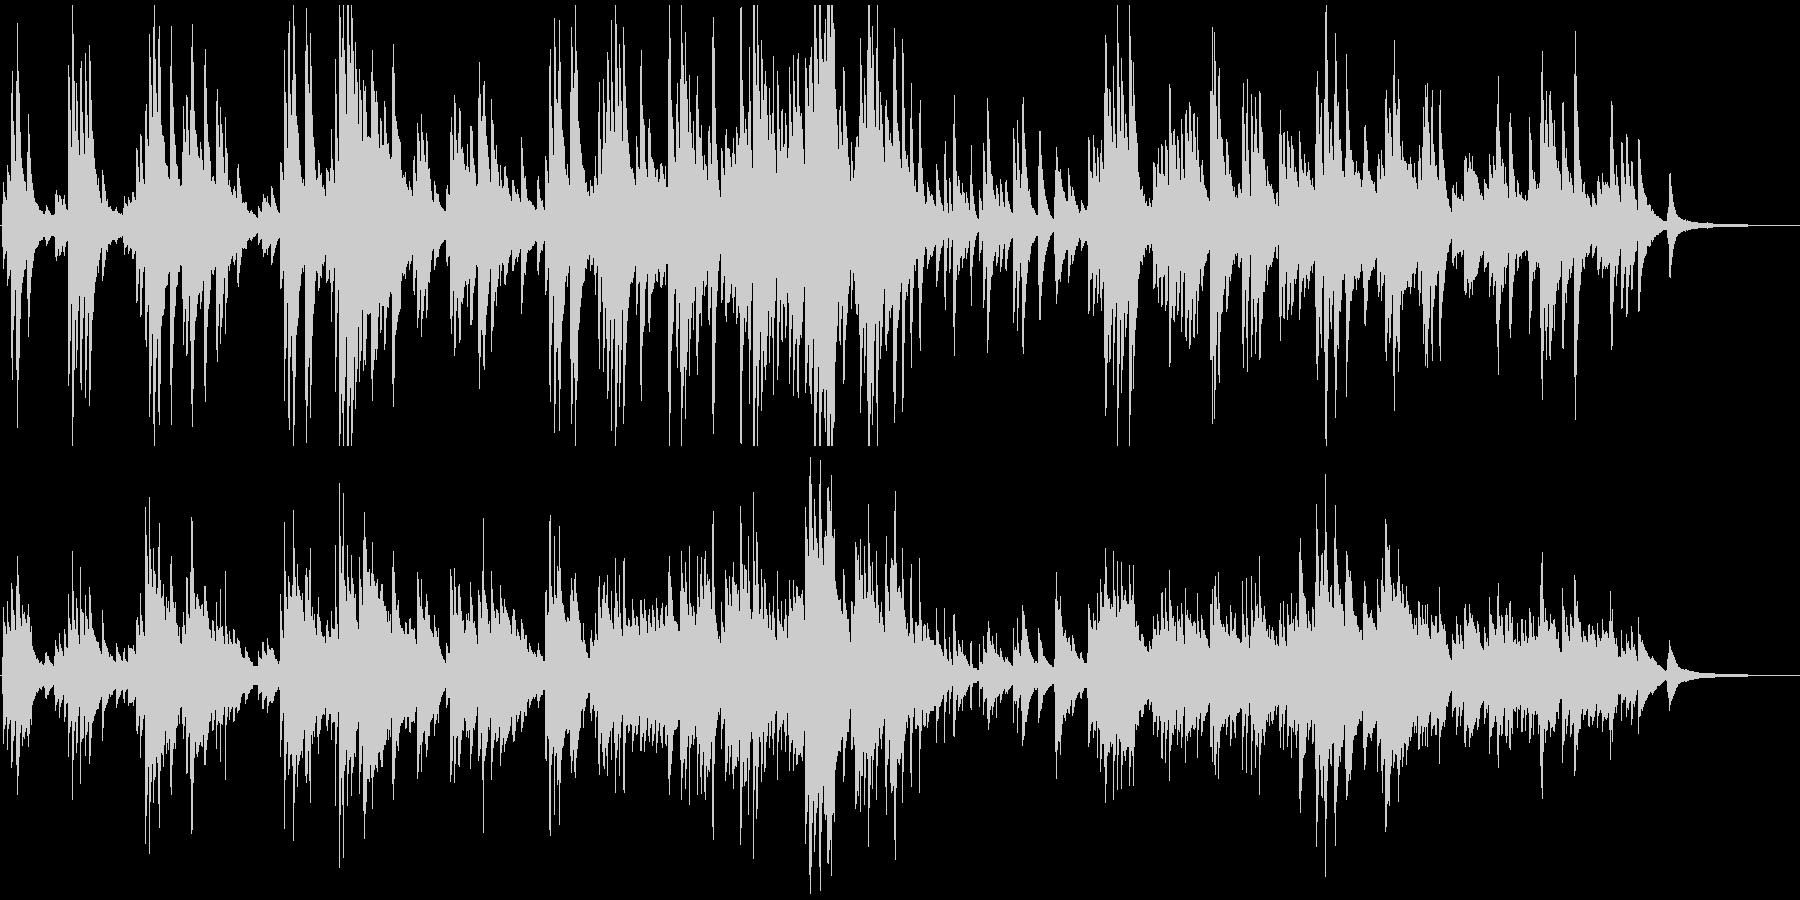 美しく感動的で壮大なピアノバラードの未再生の波形